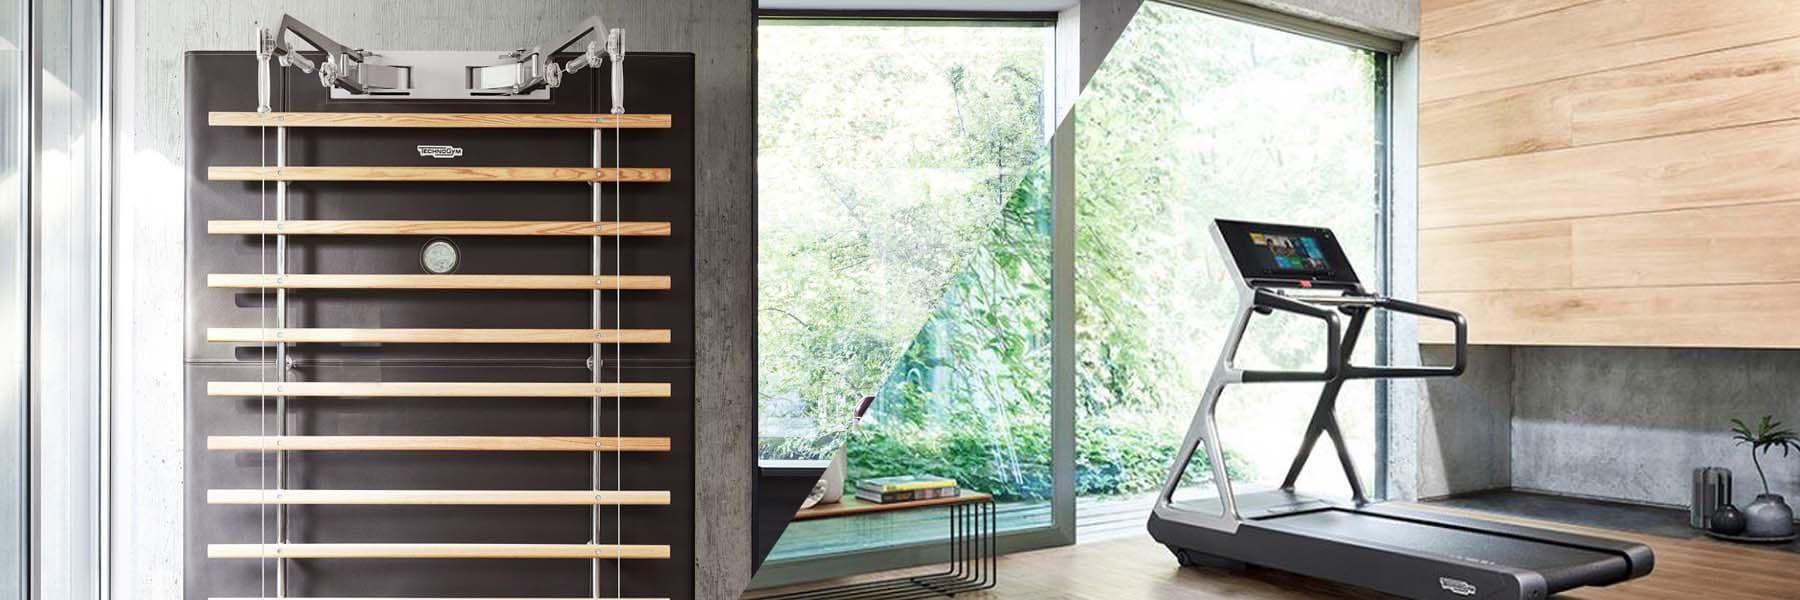 Technogym bringer Wellness konseptet inn i hjemmet